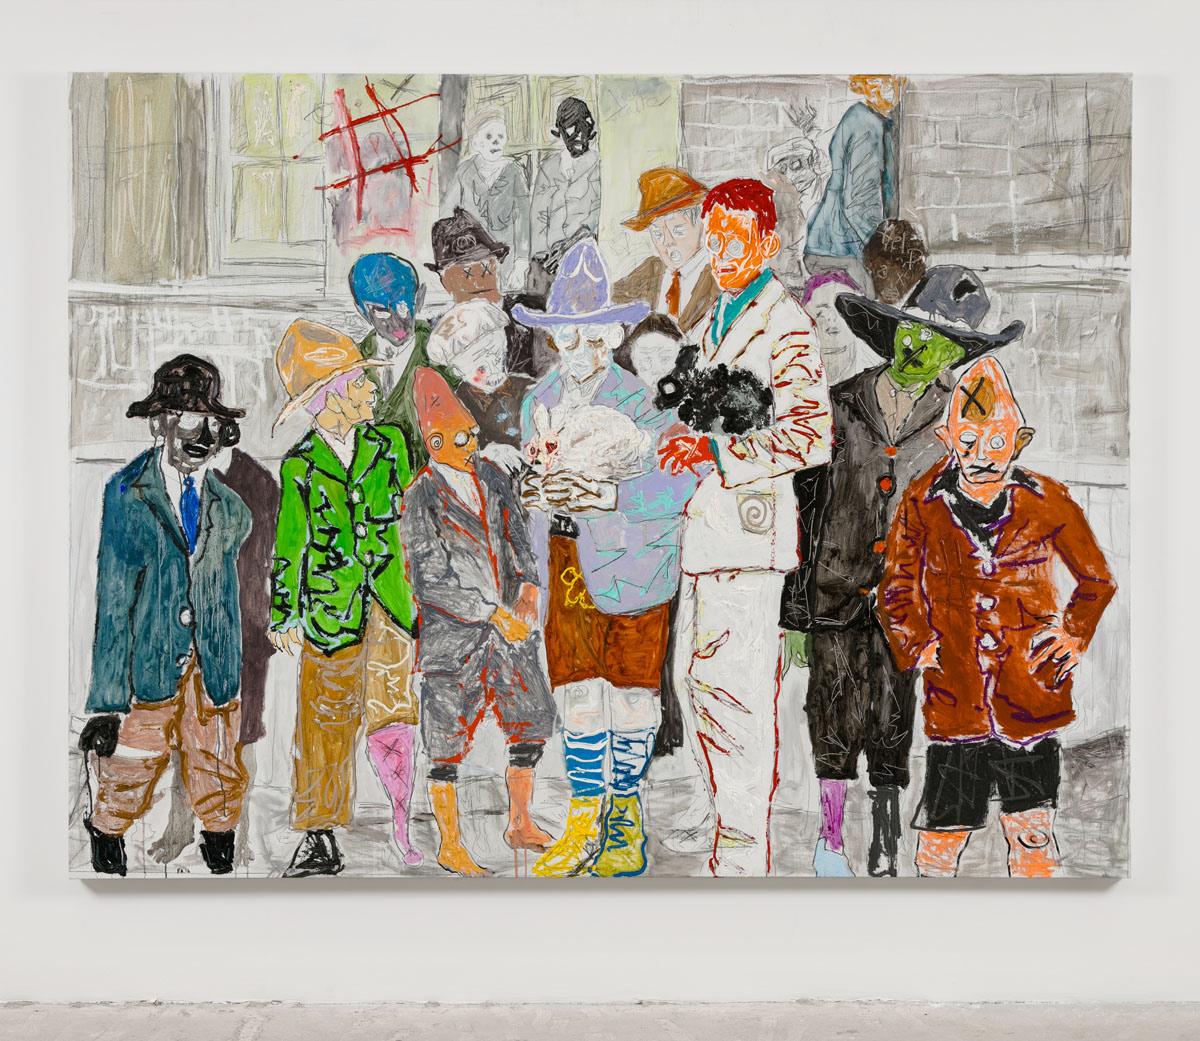 Farley Aguilar   Boy School , 2016  Oil on linen  67 x 88.5 inches